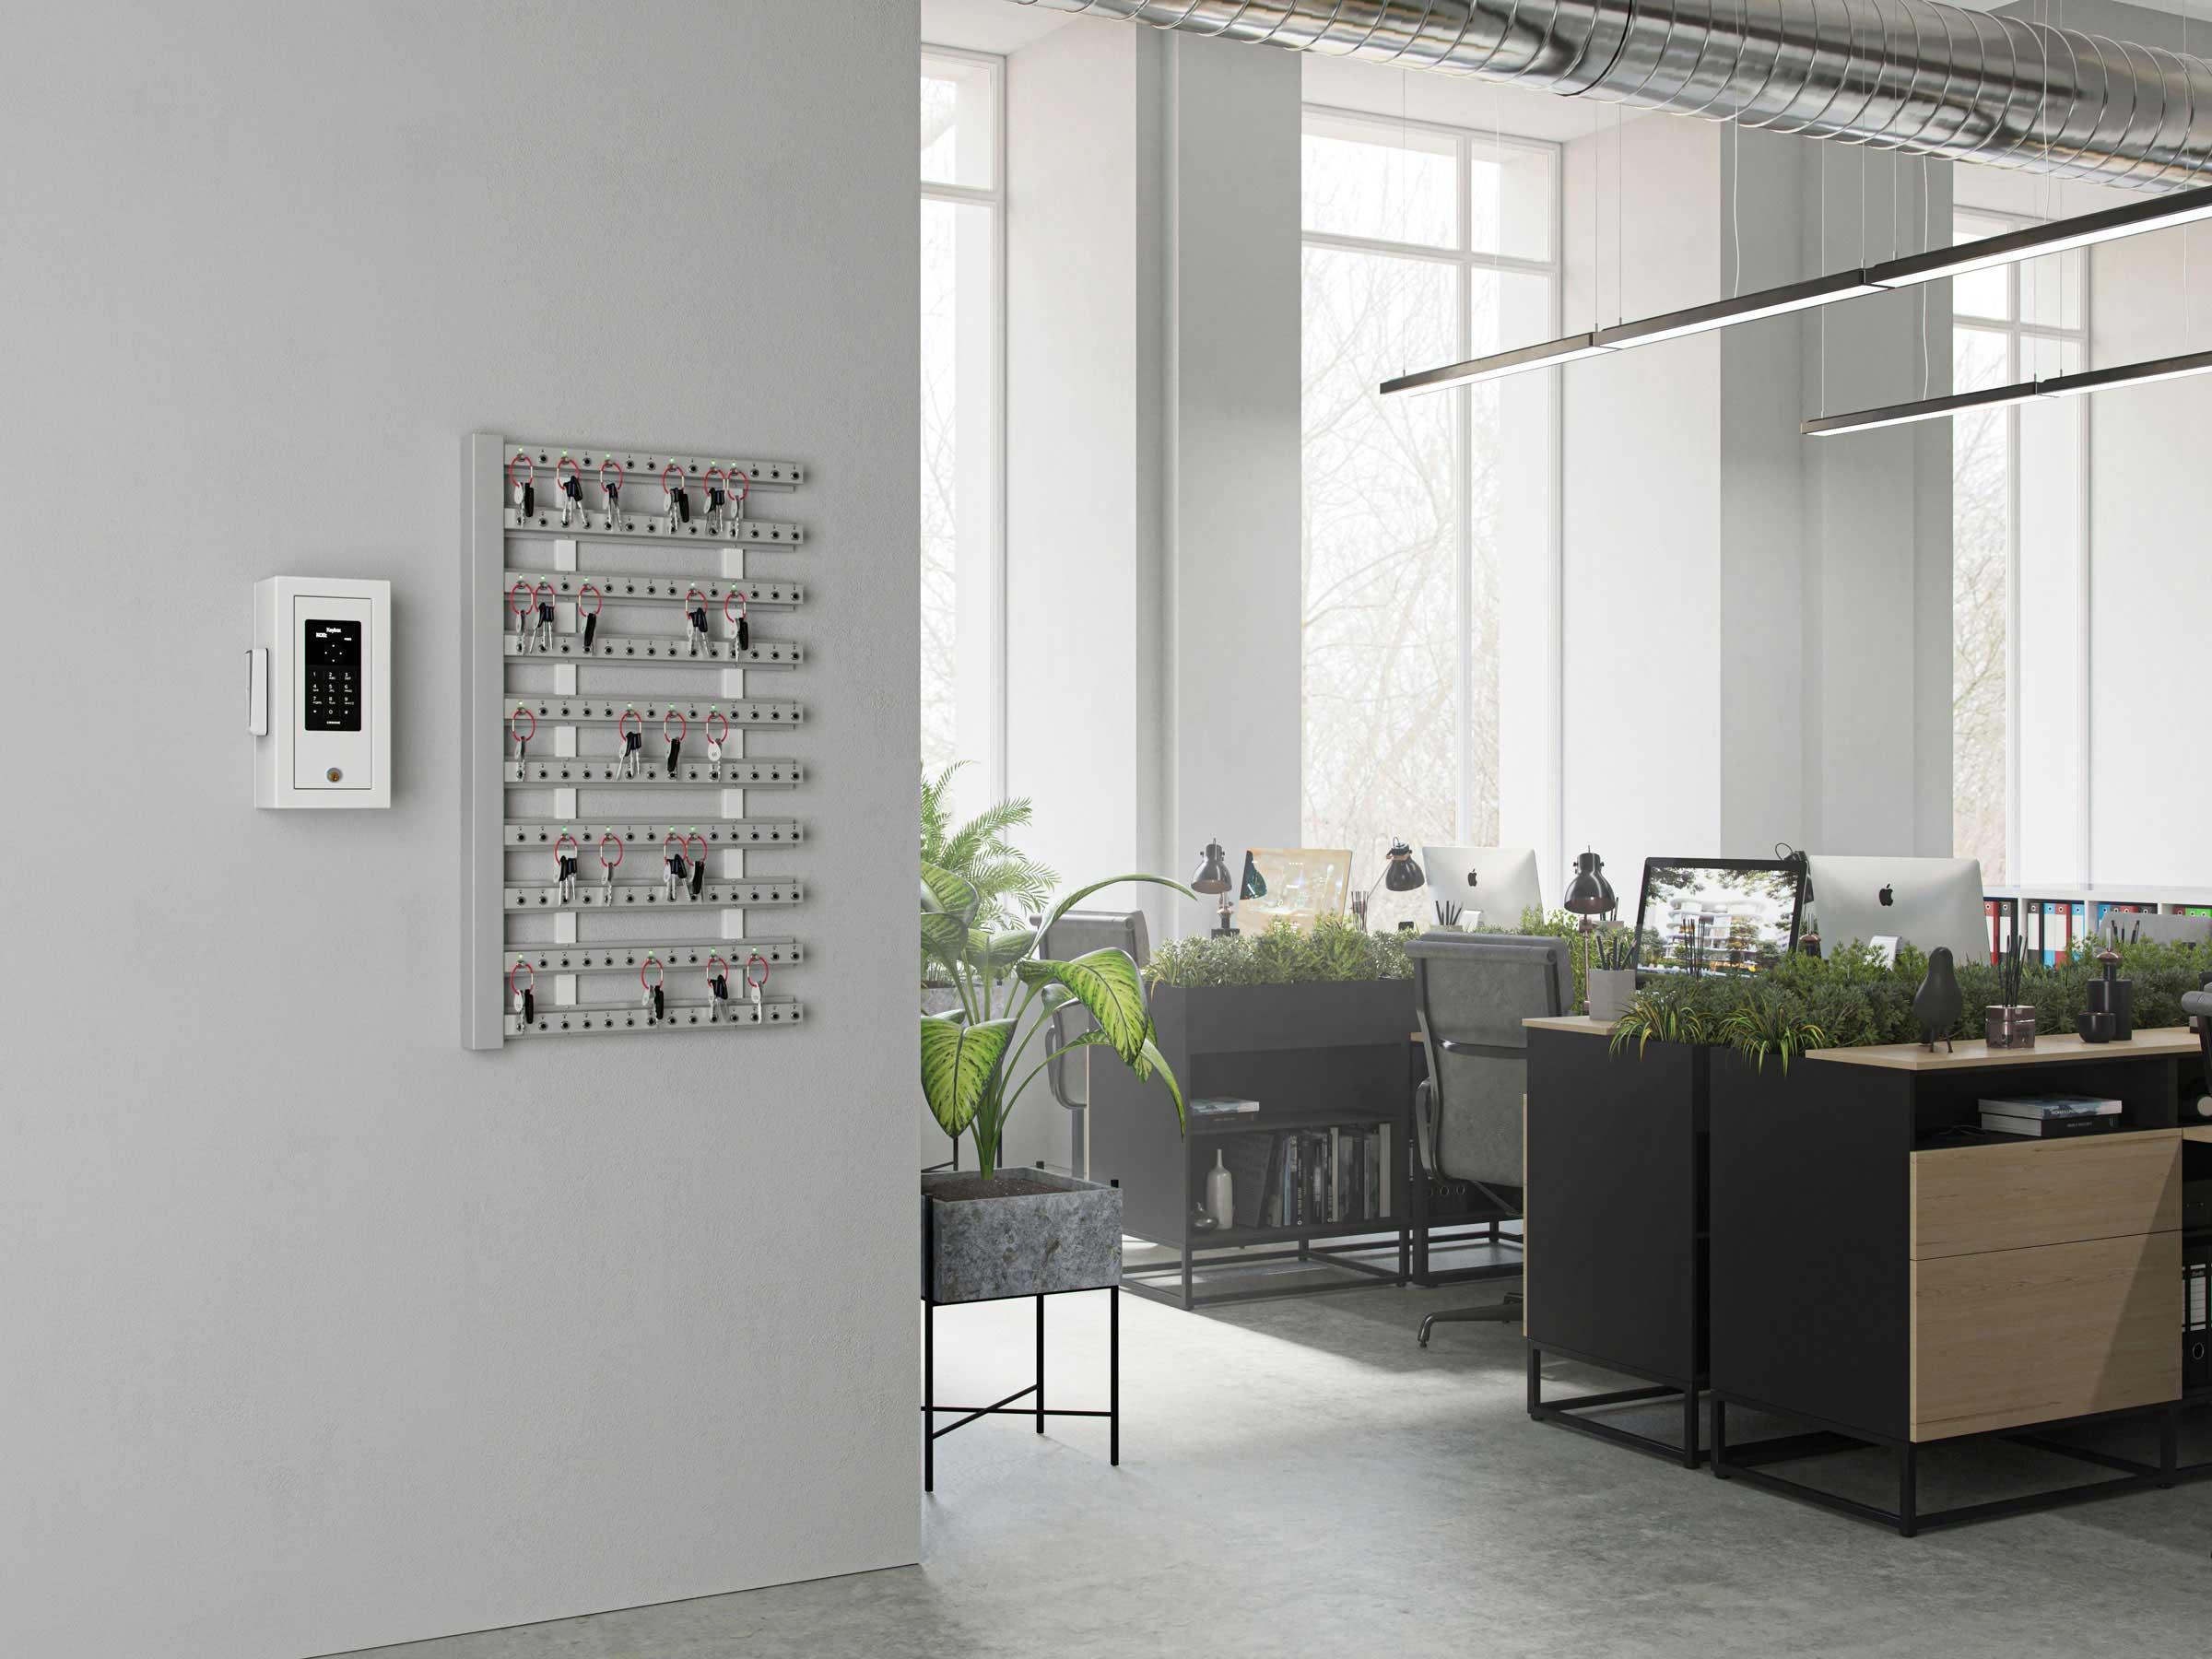 45 stycken intelligenta nyckelister med kontrollbox monterade på vägg och nyckelskåp för en unik nyckelhantering.